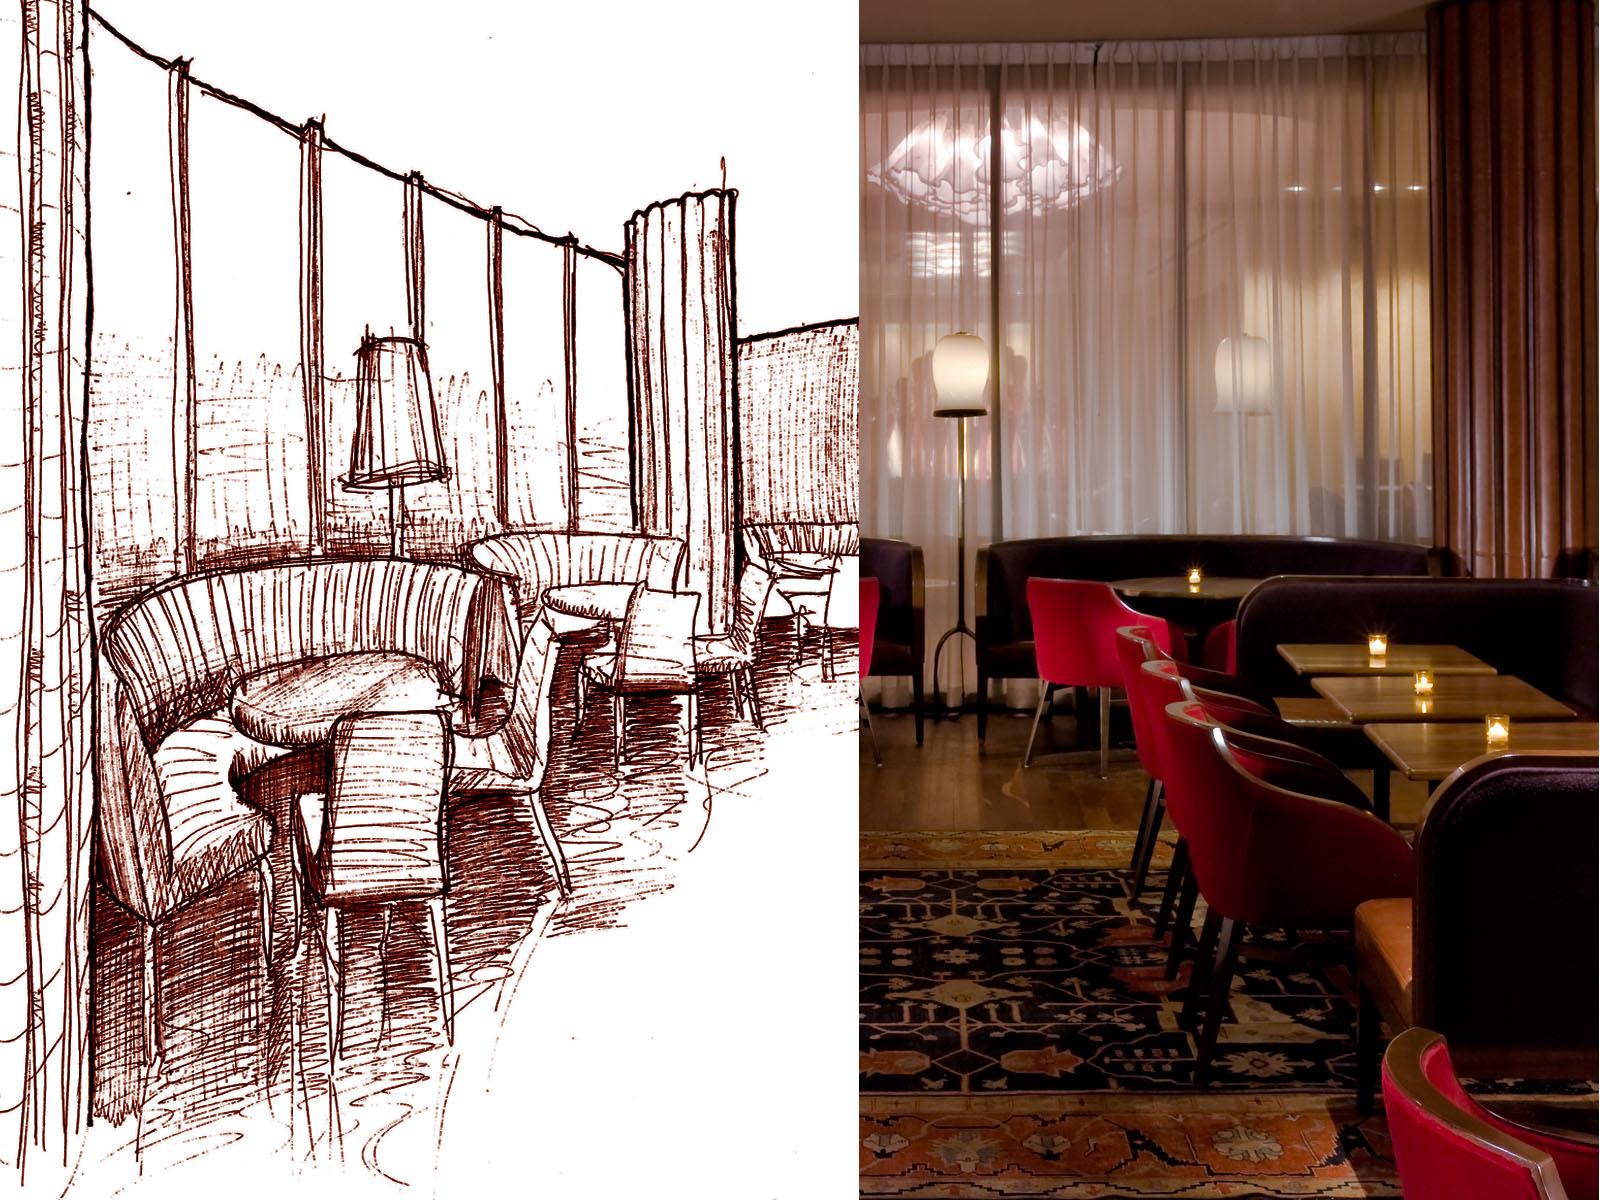 Opia Lounge